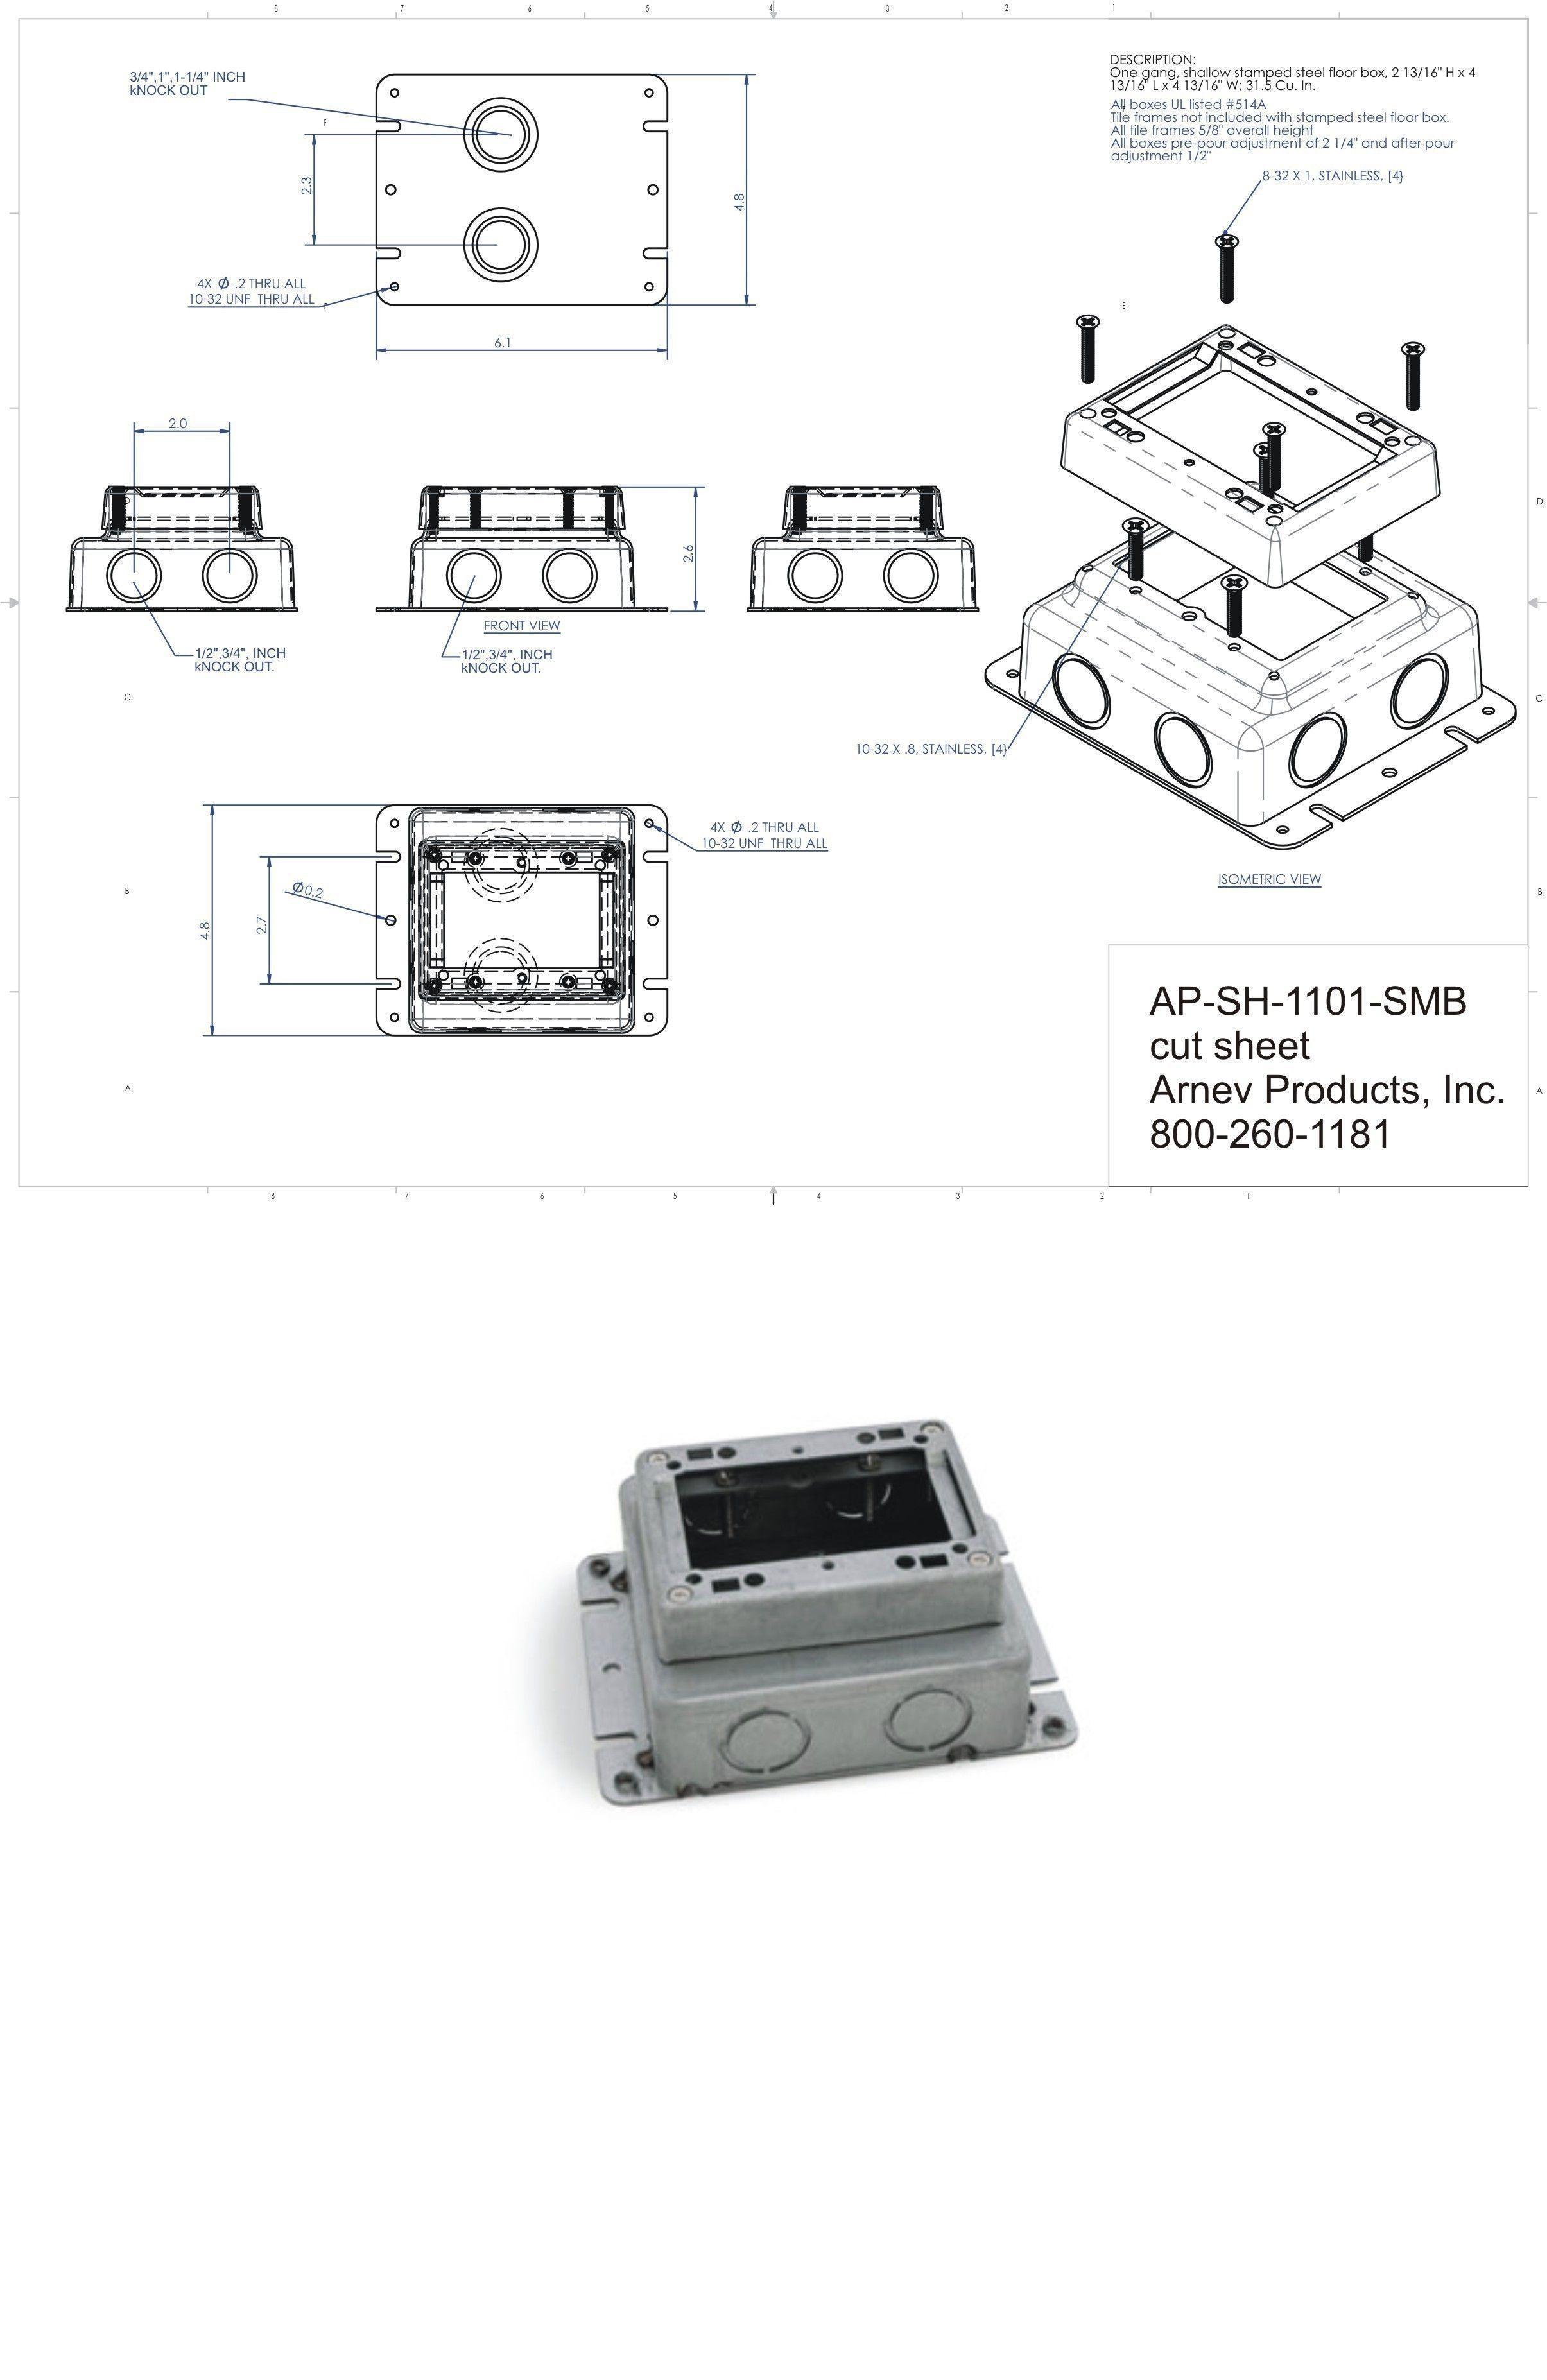 Ap Sh 1101 Smb Concrete Floor Electrical Boxes Outlet